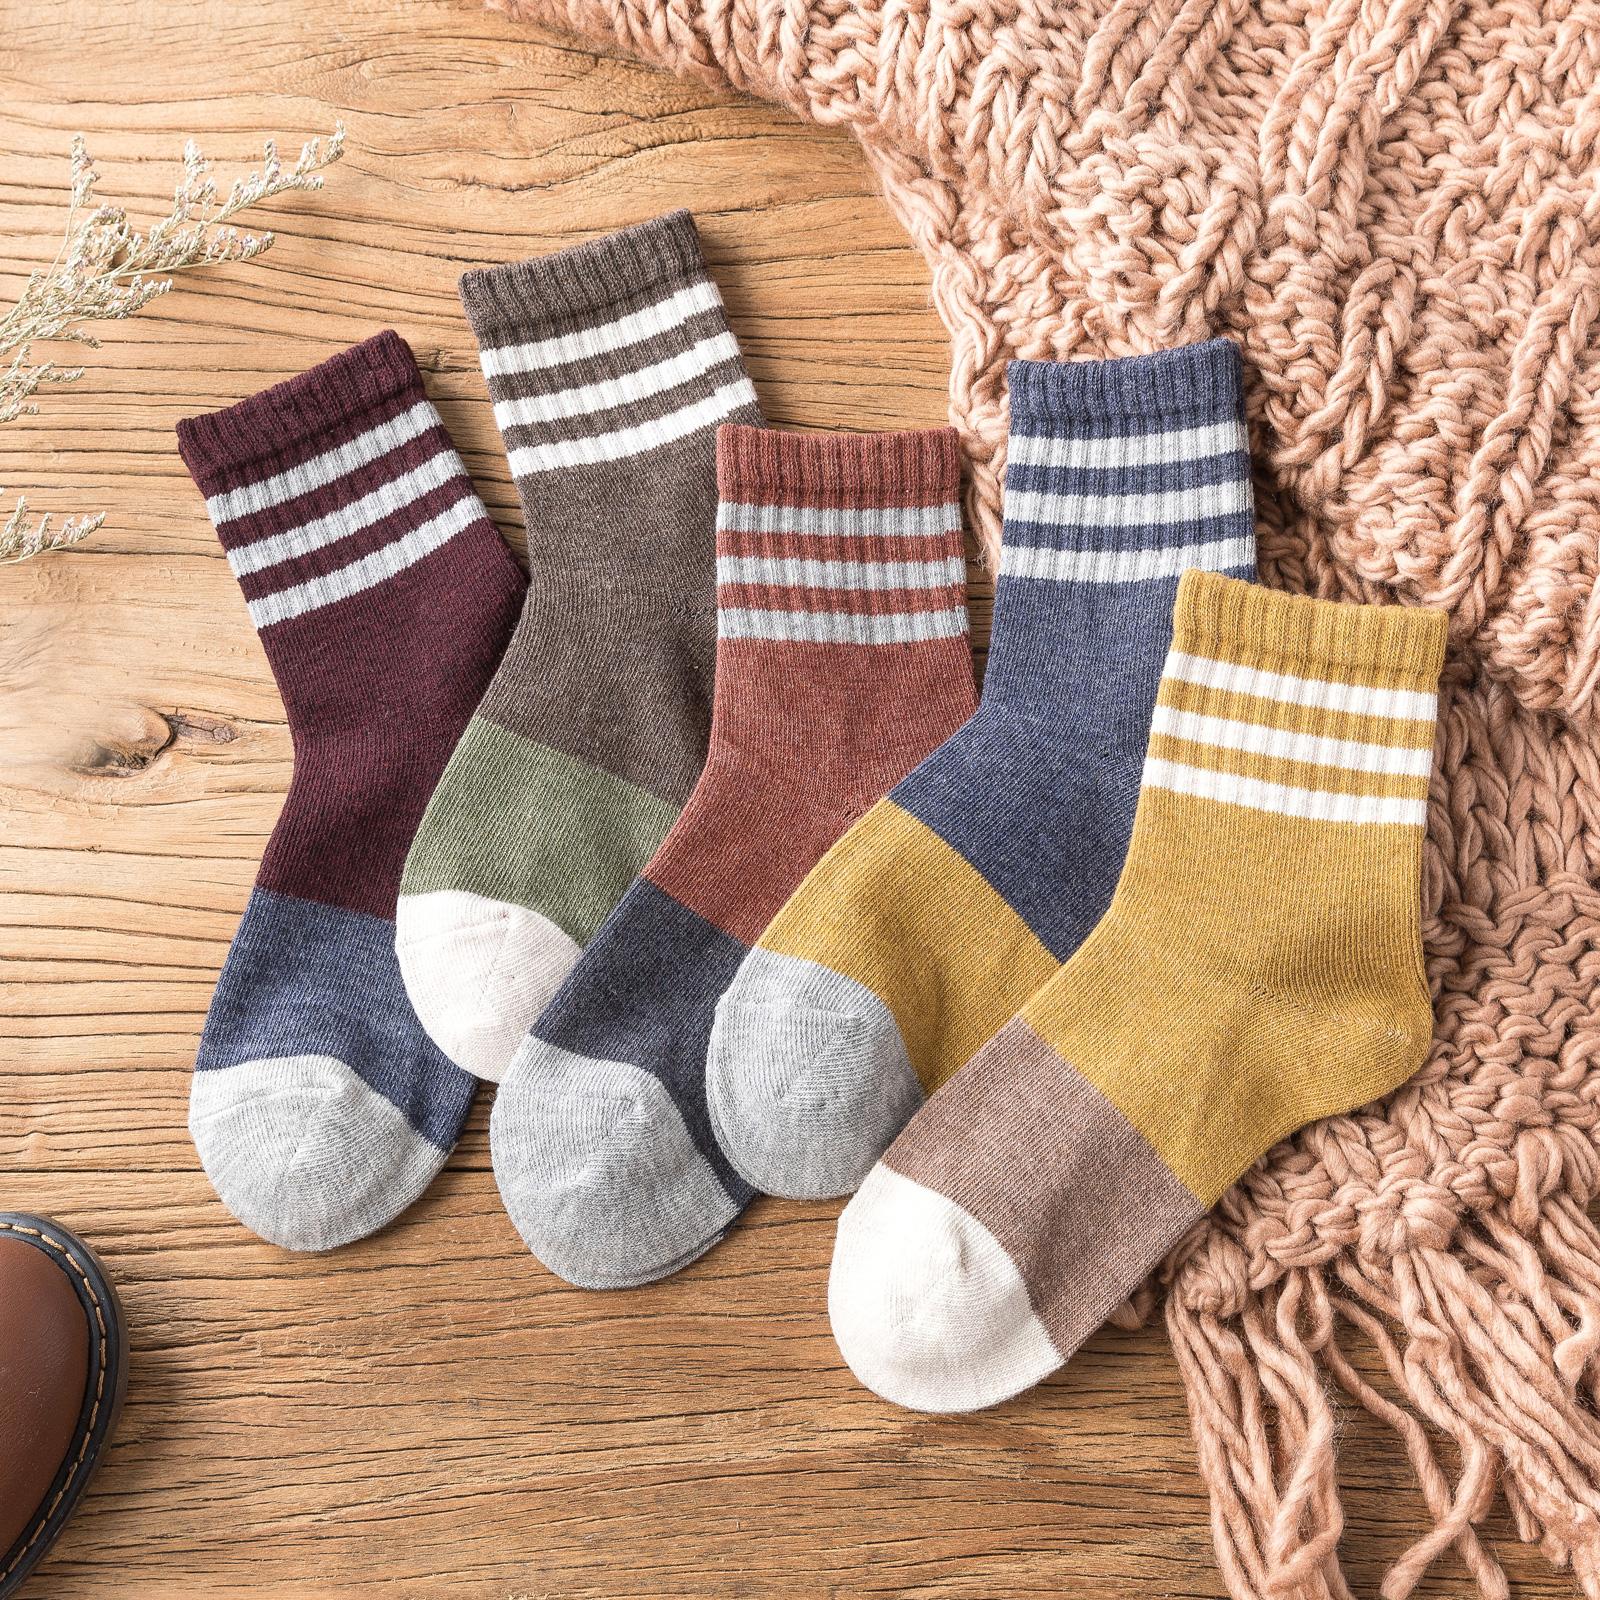 长筒袜子女中筒袜条纹日系秋冬季纯棉中长款百搭ins潮全棉堆堆袜